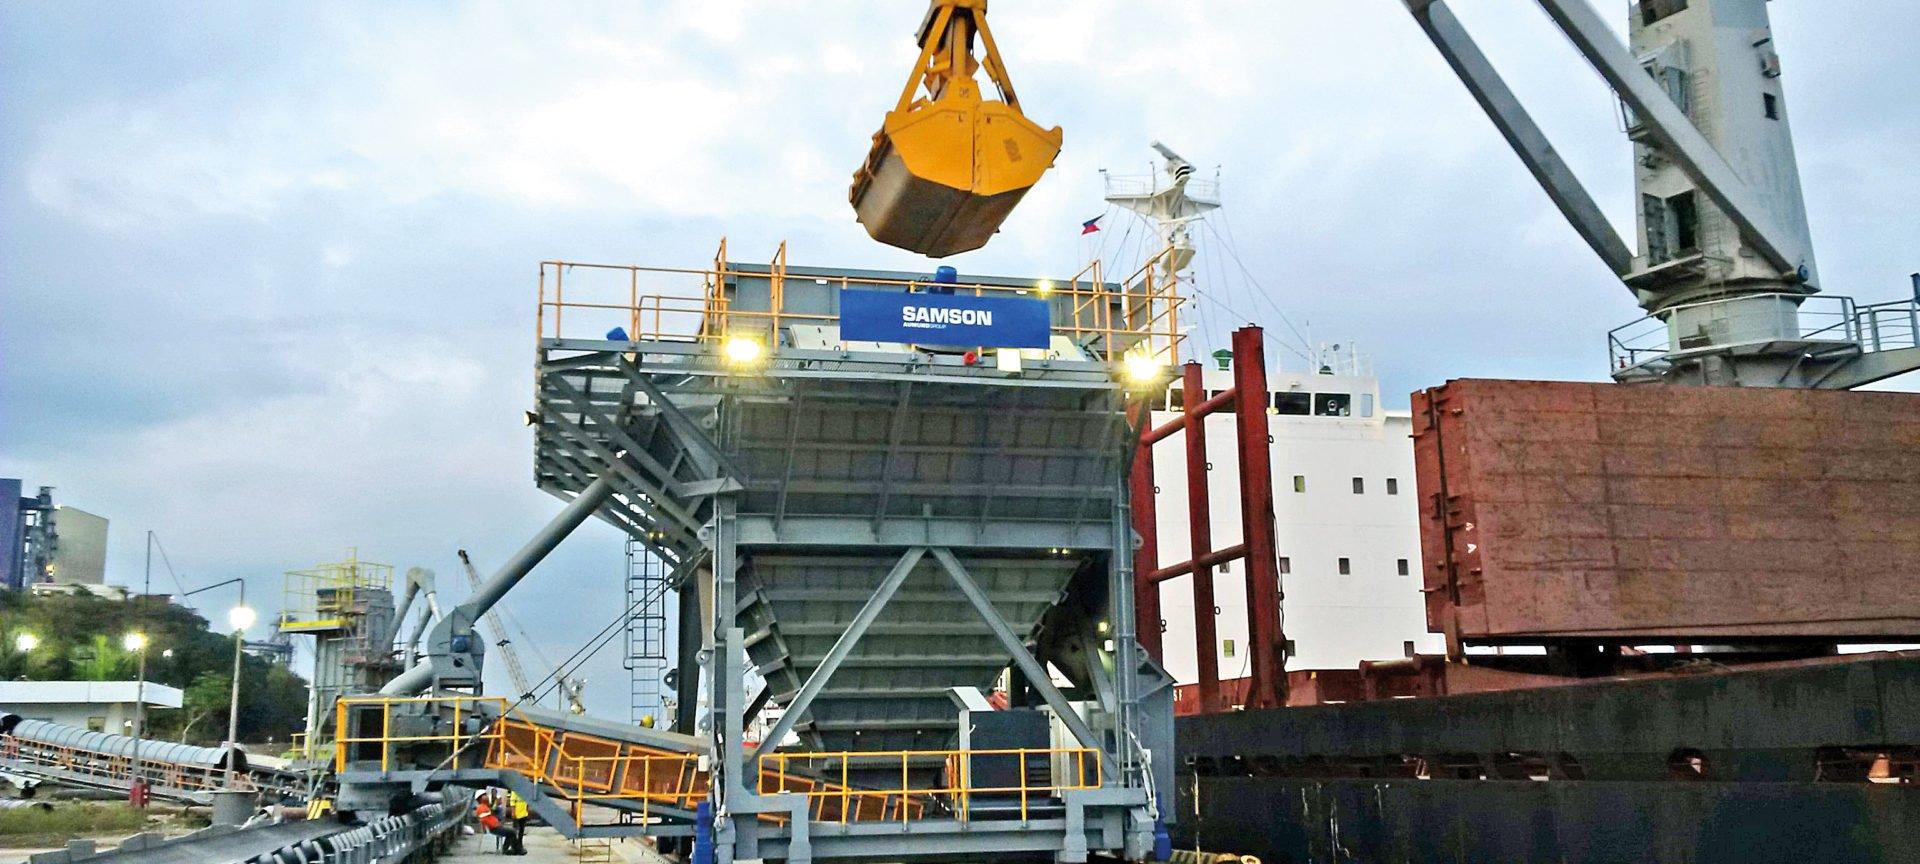 Mobile SAMSON Eco Hopper on Port